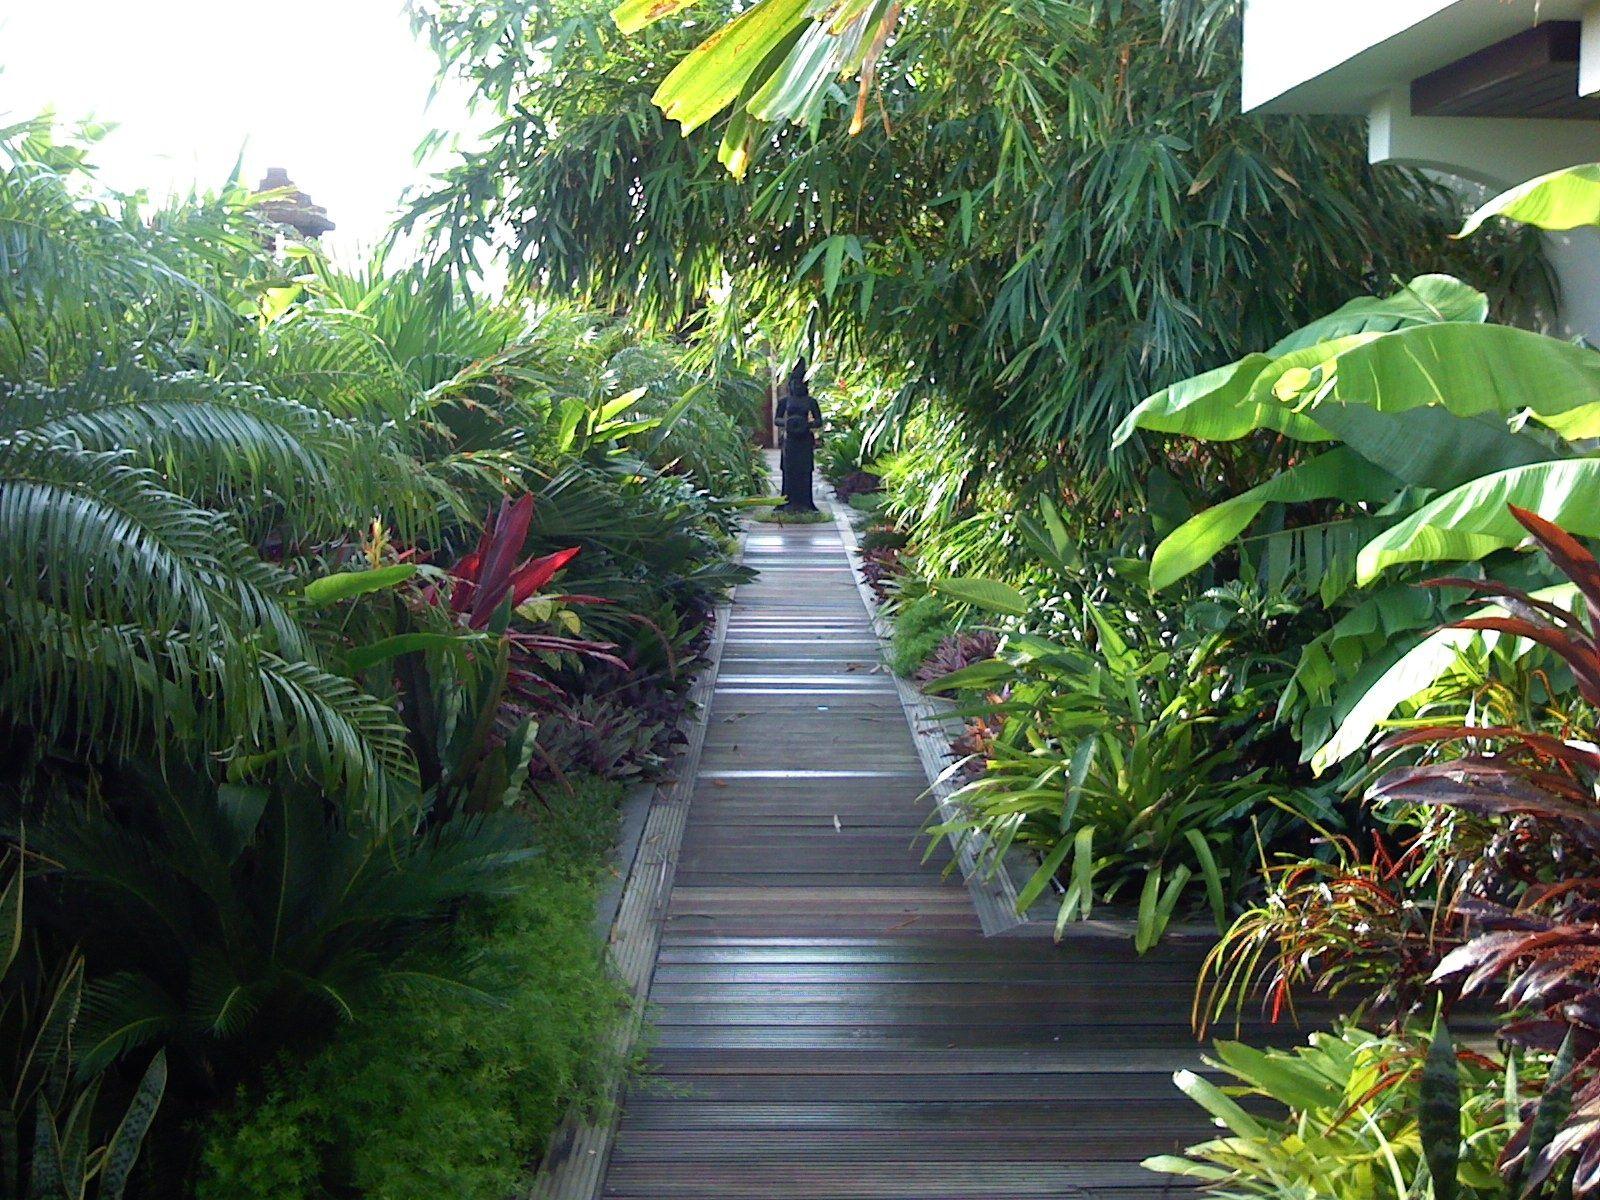 Baoase resort curacao landscaping by roel van heeswijk for Amenagement jardin tropical